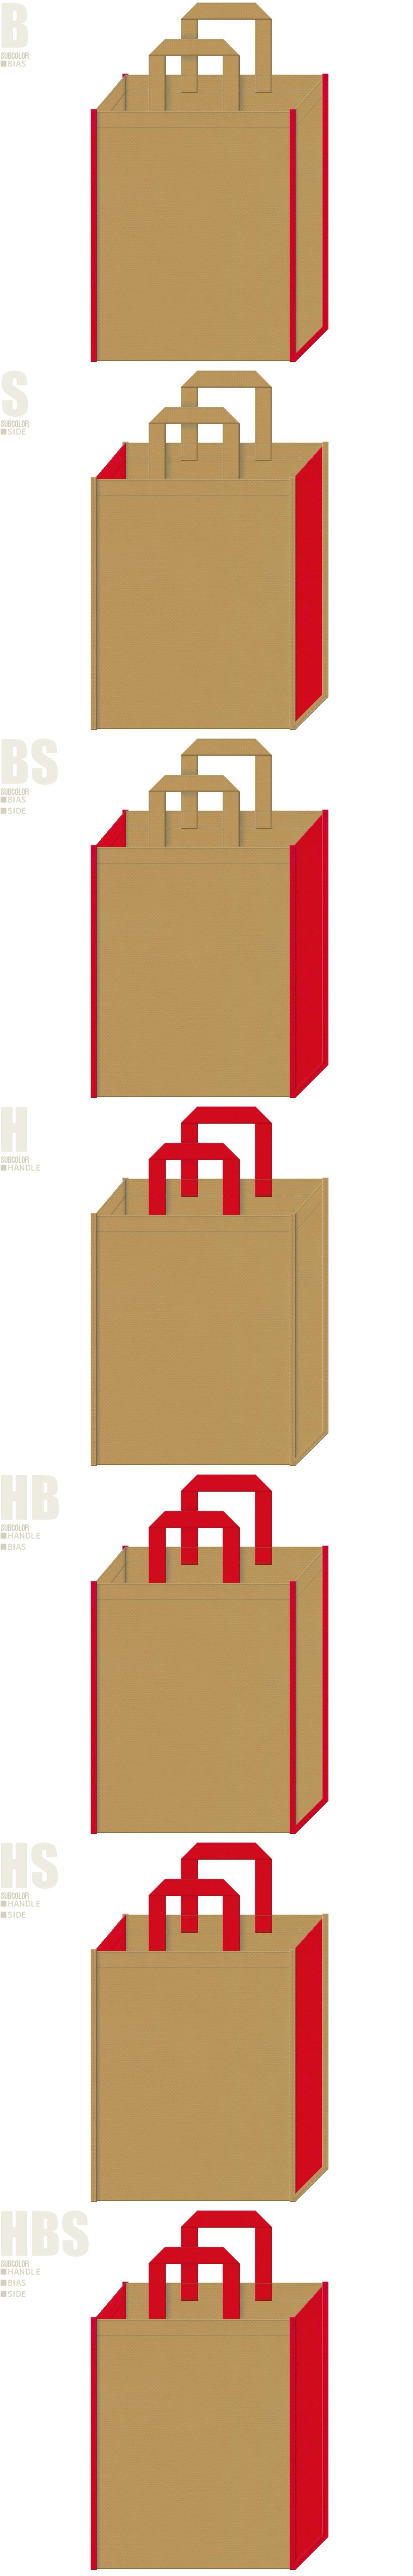 金色系黄土色と紅色、7パターンの不織布トートバッグ配色デザイン例。